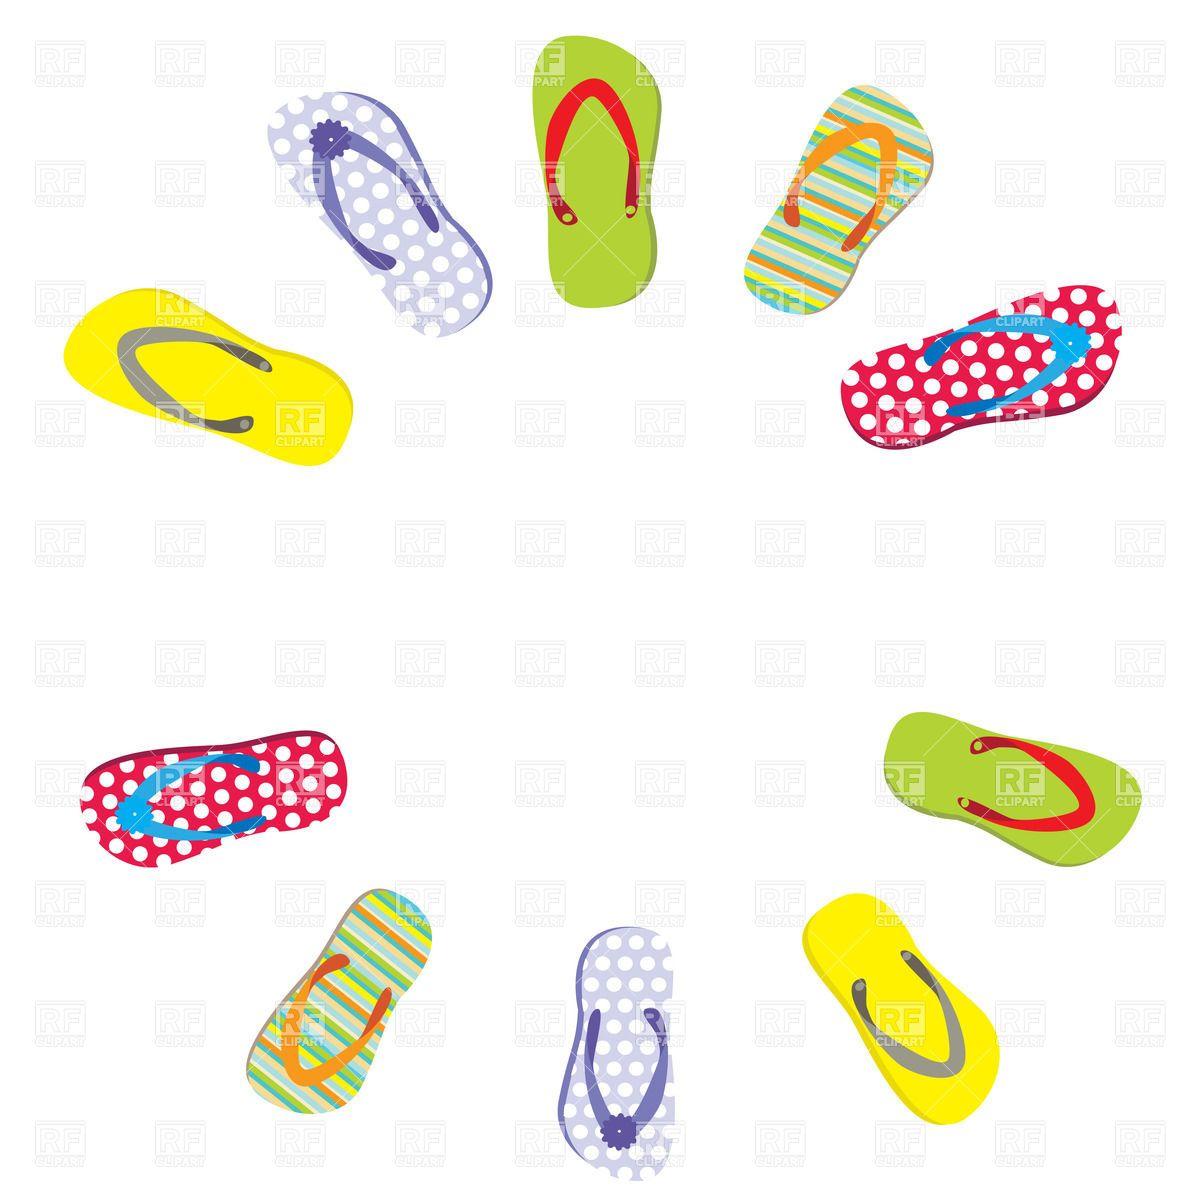 freeclip art flip flop.